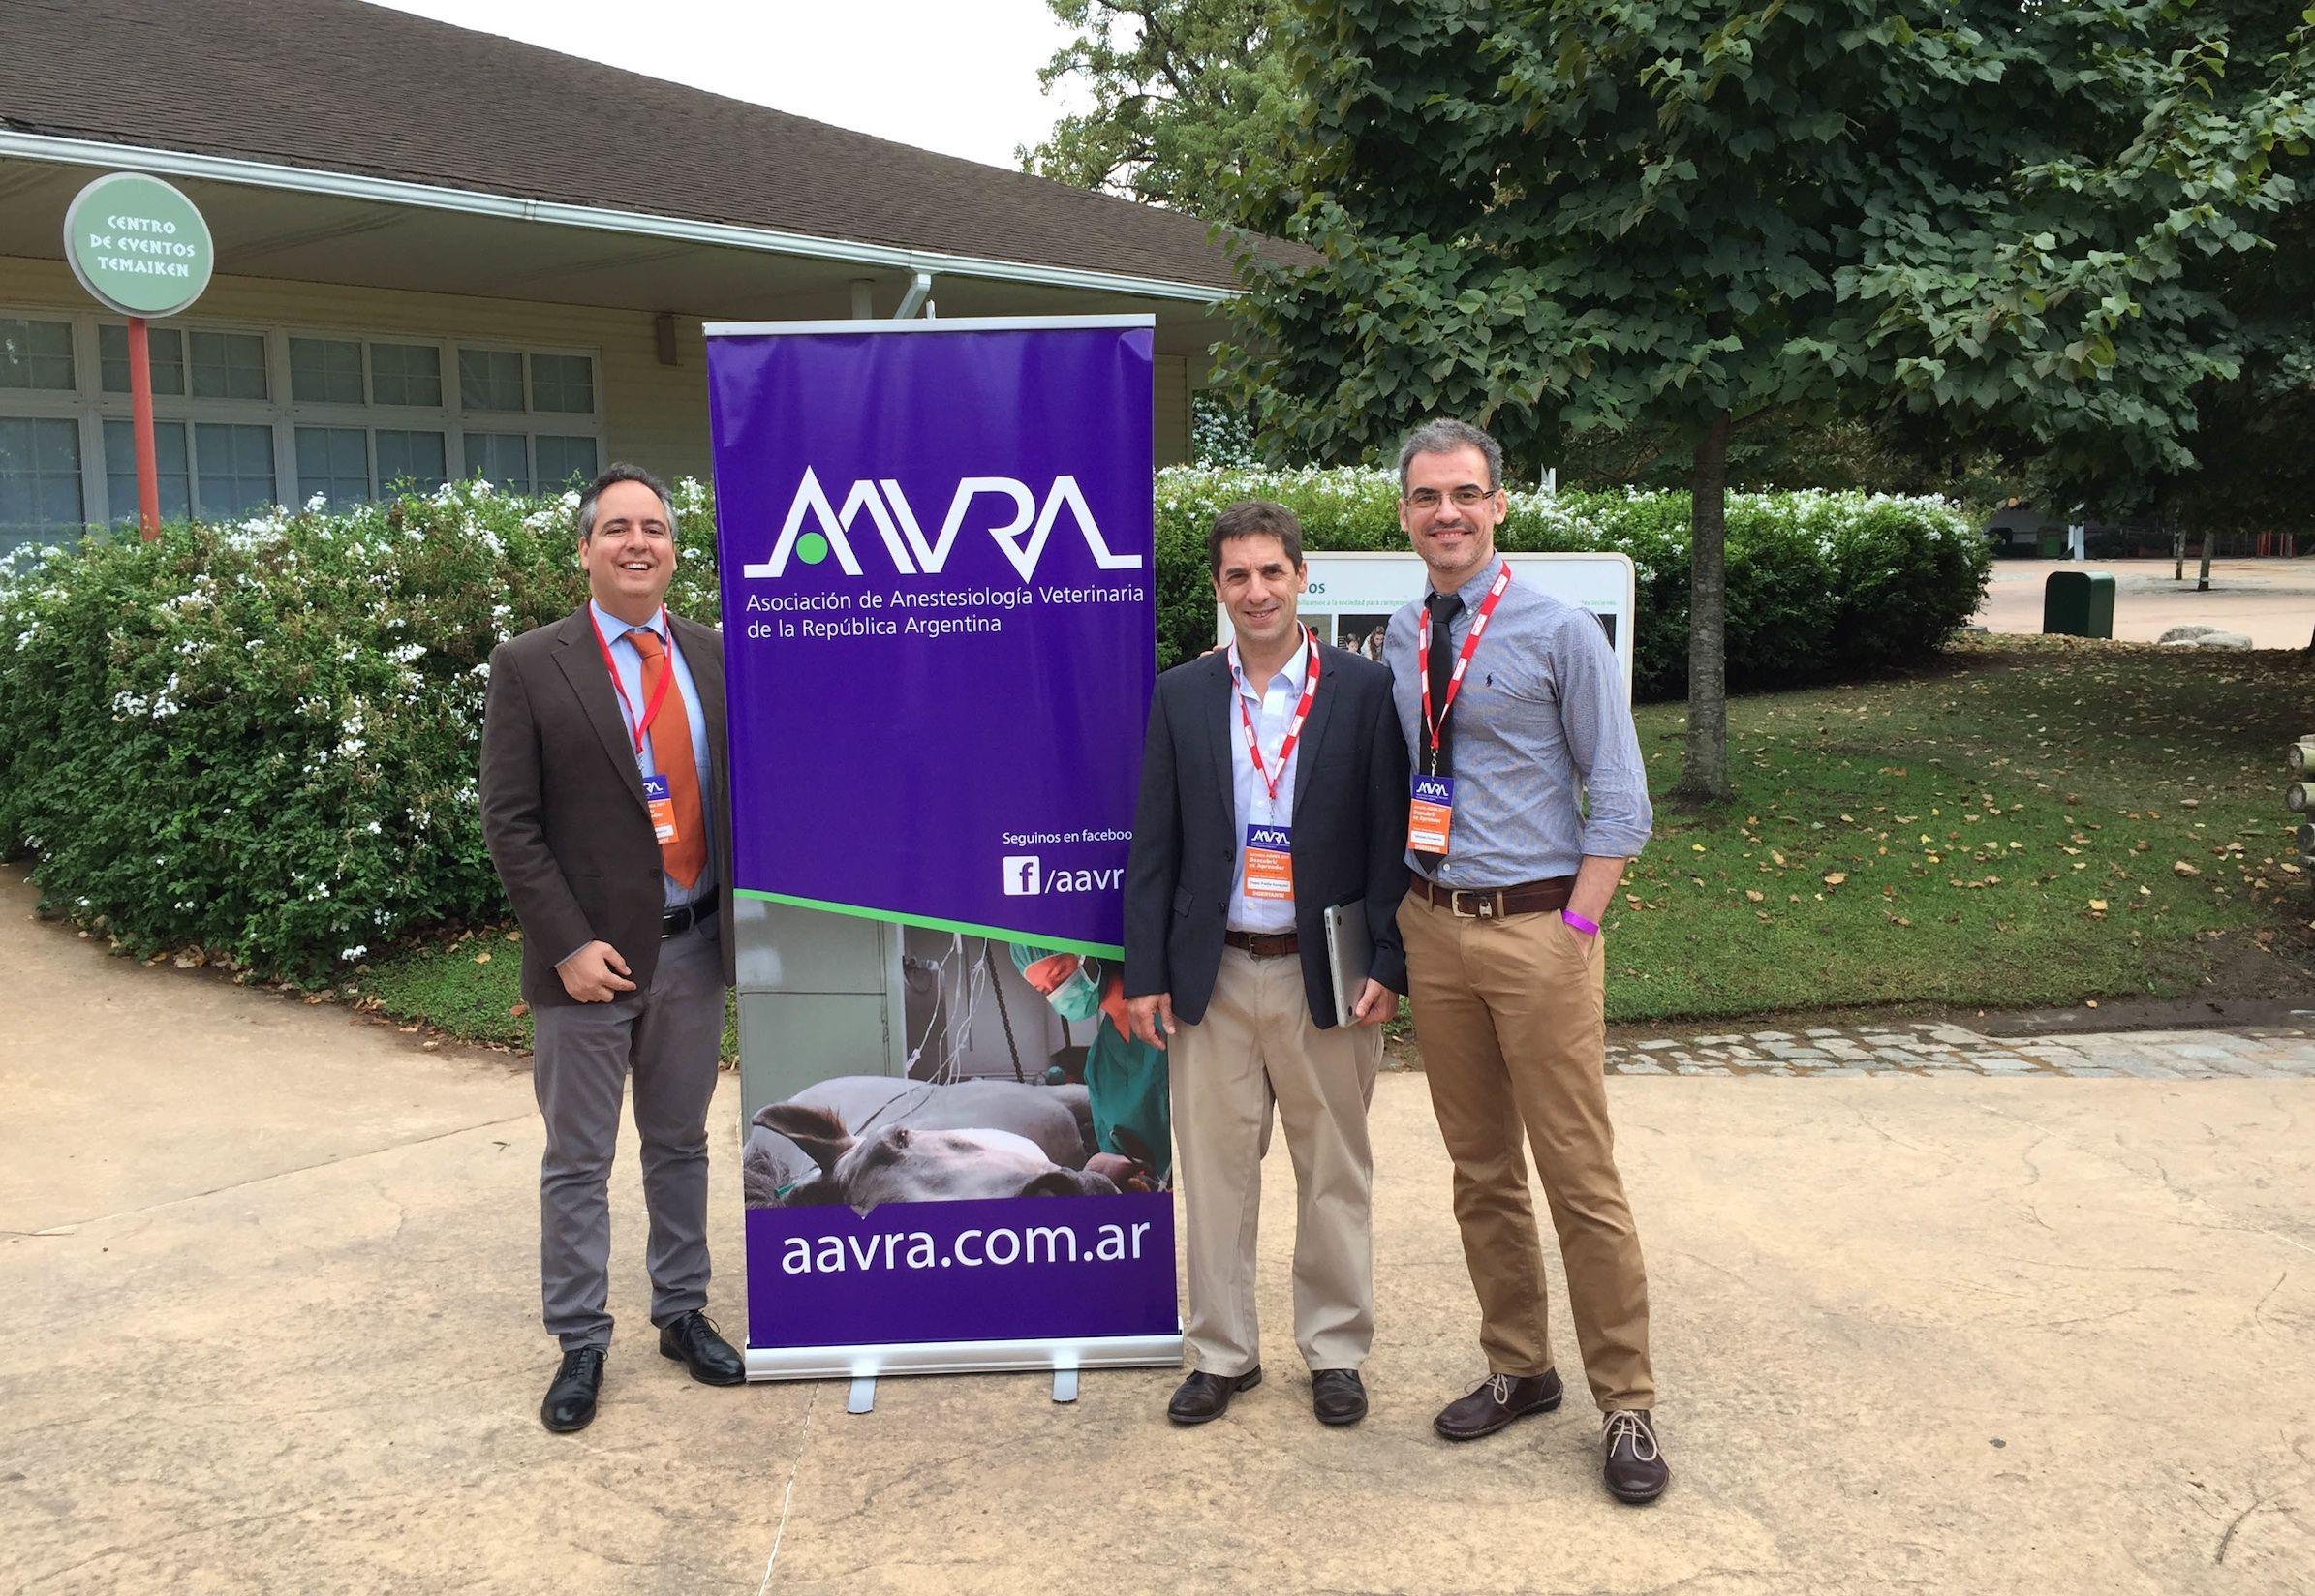 Los profesores Redondo (CEU-UCH), Otero (UBA) y Martínez Taboada (U. Sydney), en el Congreso de la AAVRA en Buenos Aires.